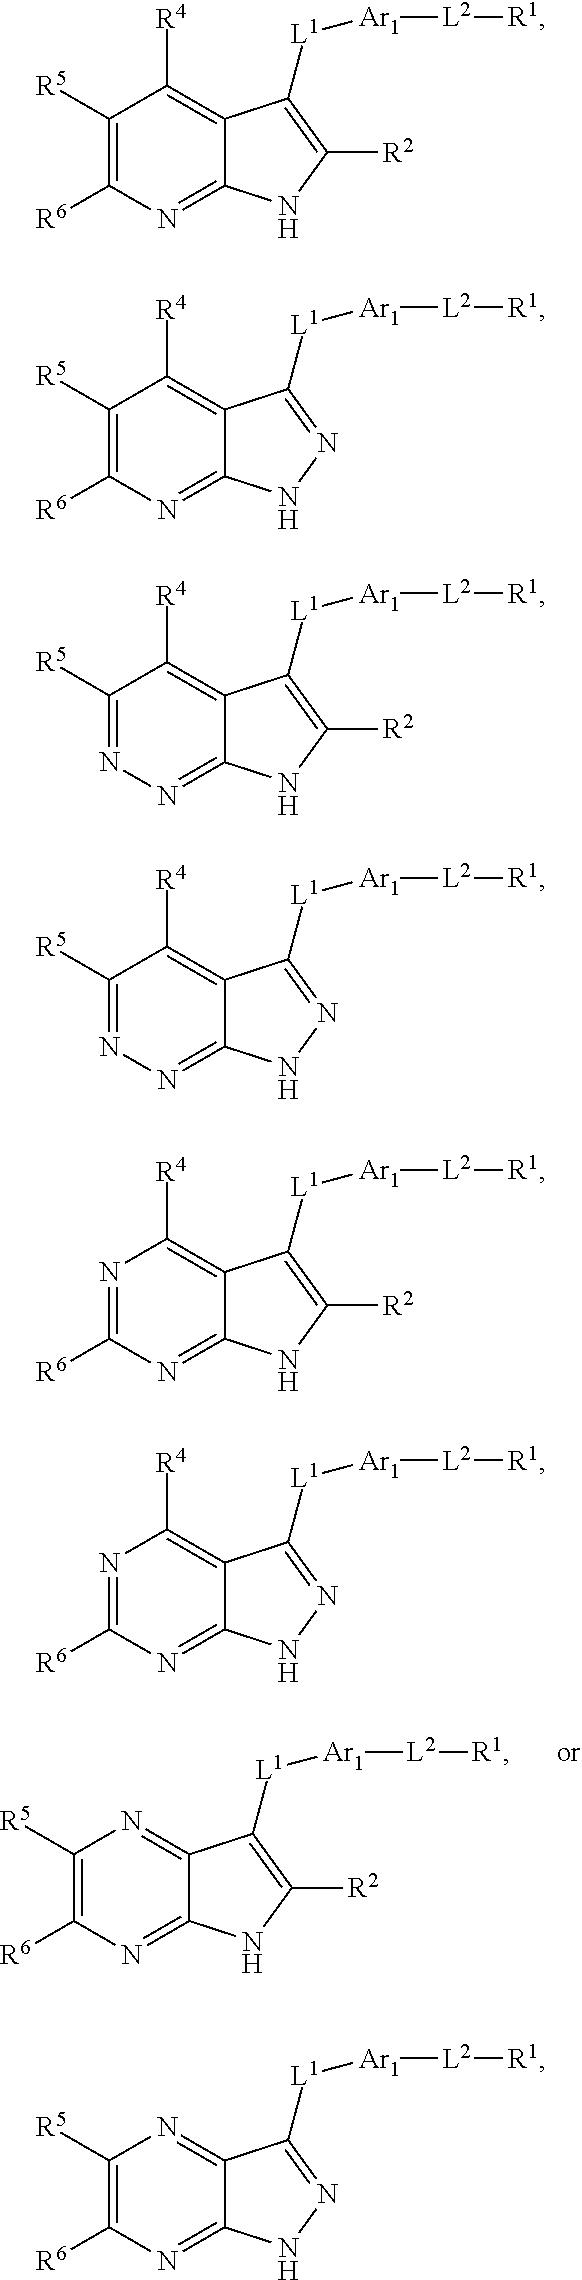 Figure US20110166174A1-20110707-C00008